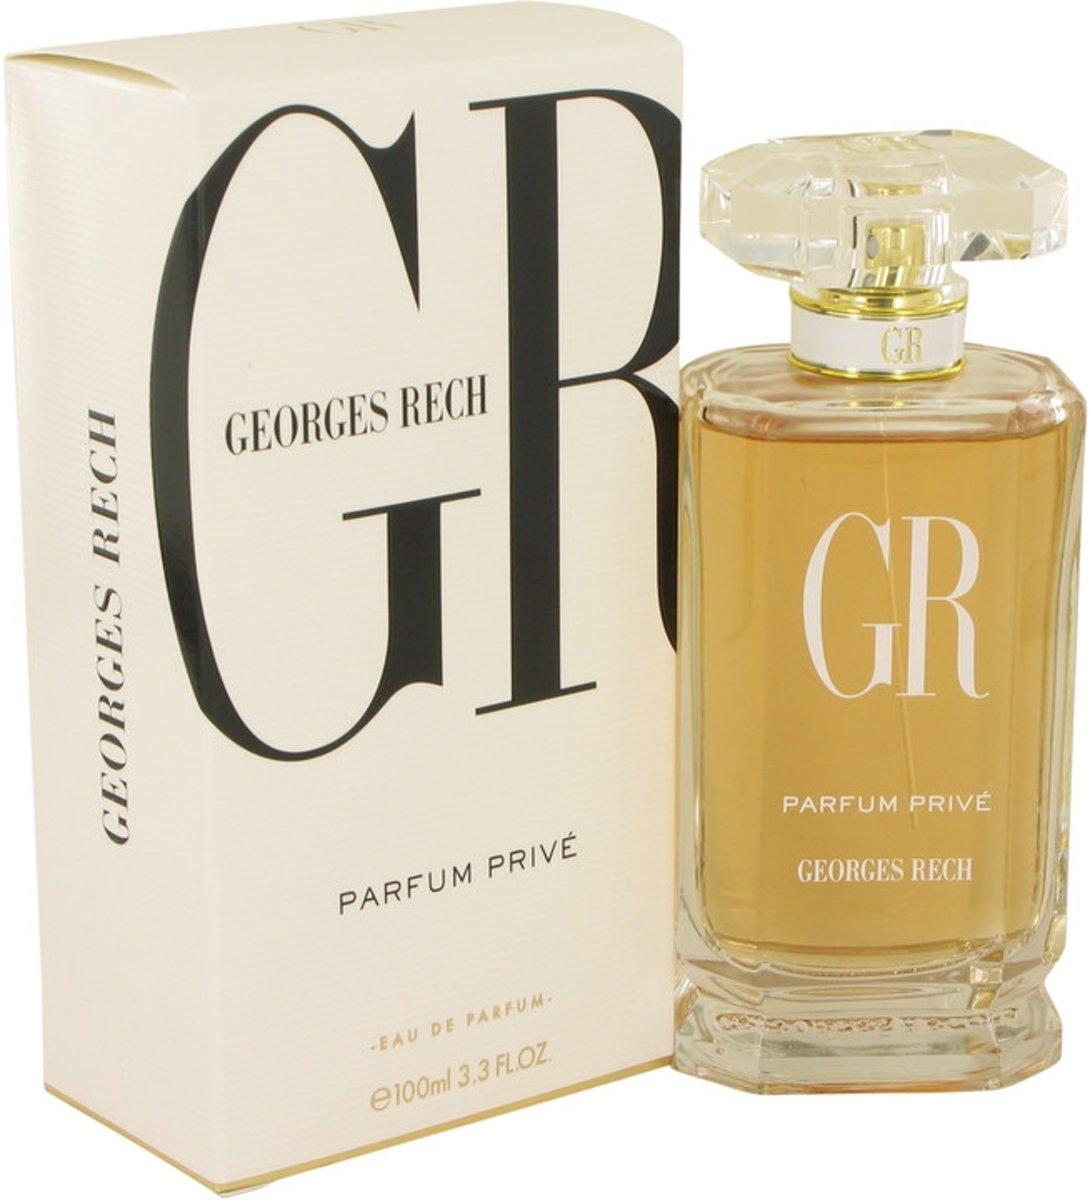 Georges Rech Eau De Parfum Spray 3.3 oz